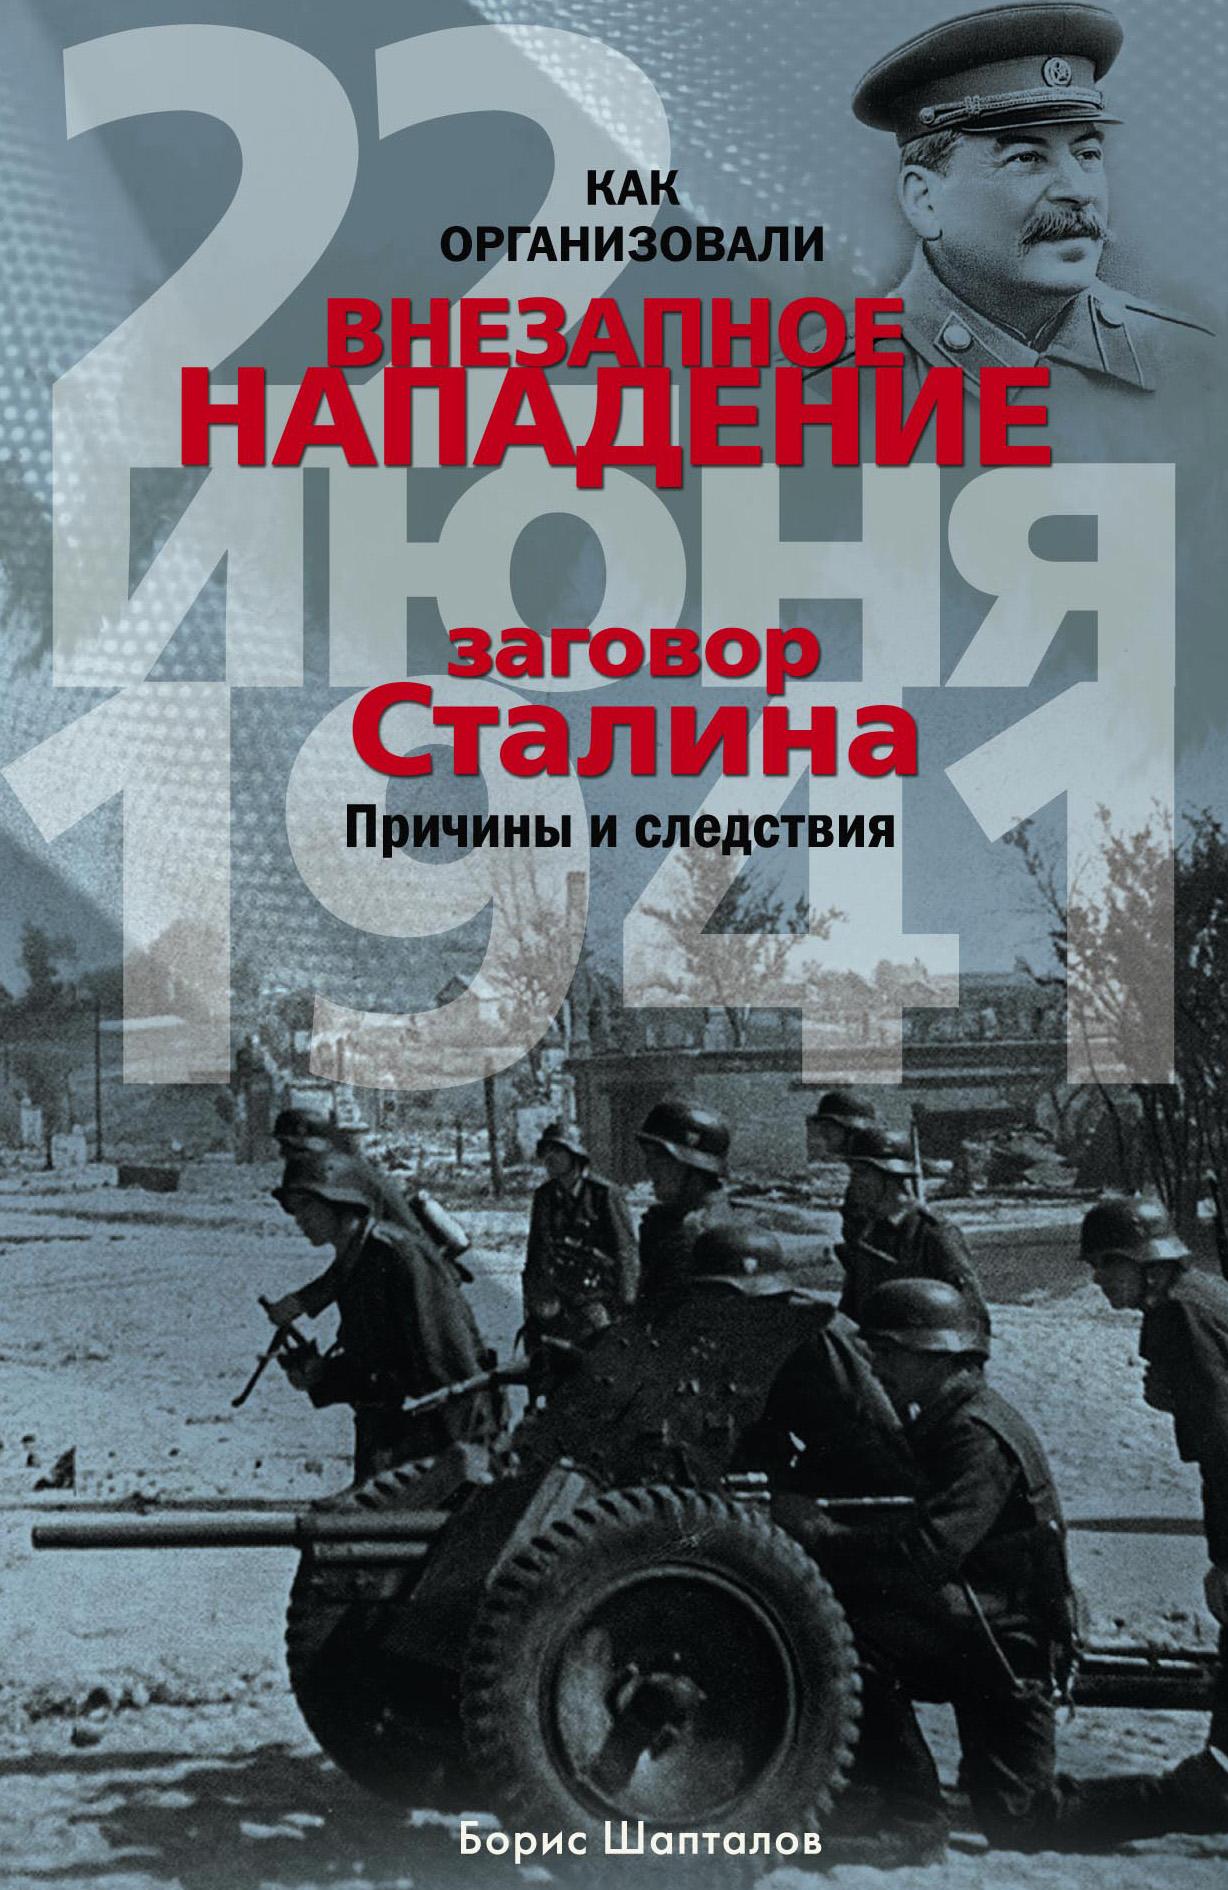 Борис Шапталов Как организовали «внезапное» нападение 22 июня 1941. Заговор Сталина. Причины и следствия шапталов б как организовали внезапное нападение 22 июня 1941 заговор сталина причины и следствия